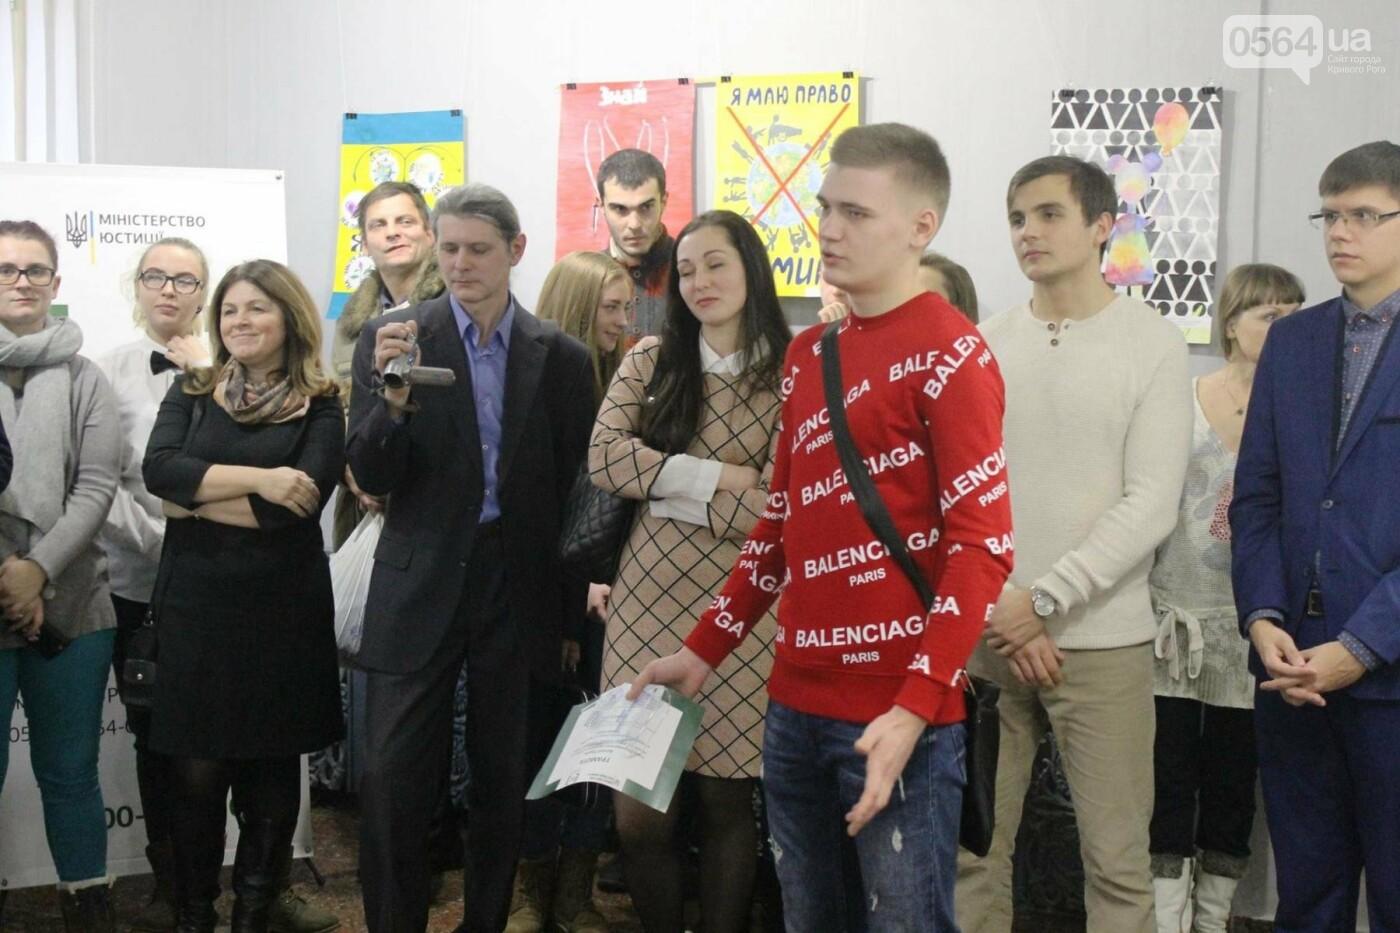 В Кривом Роге подвели итоги конкурса социальных плакатов и наградили победителей (ФОТО), фото-38